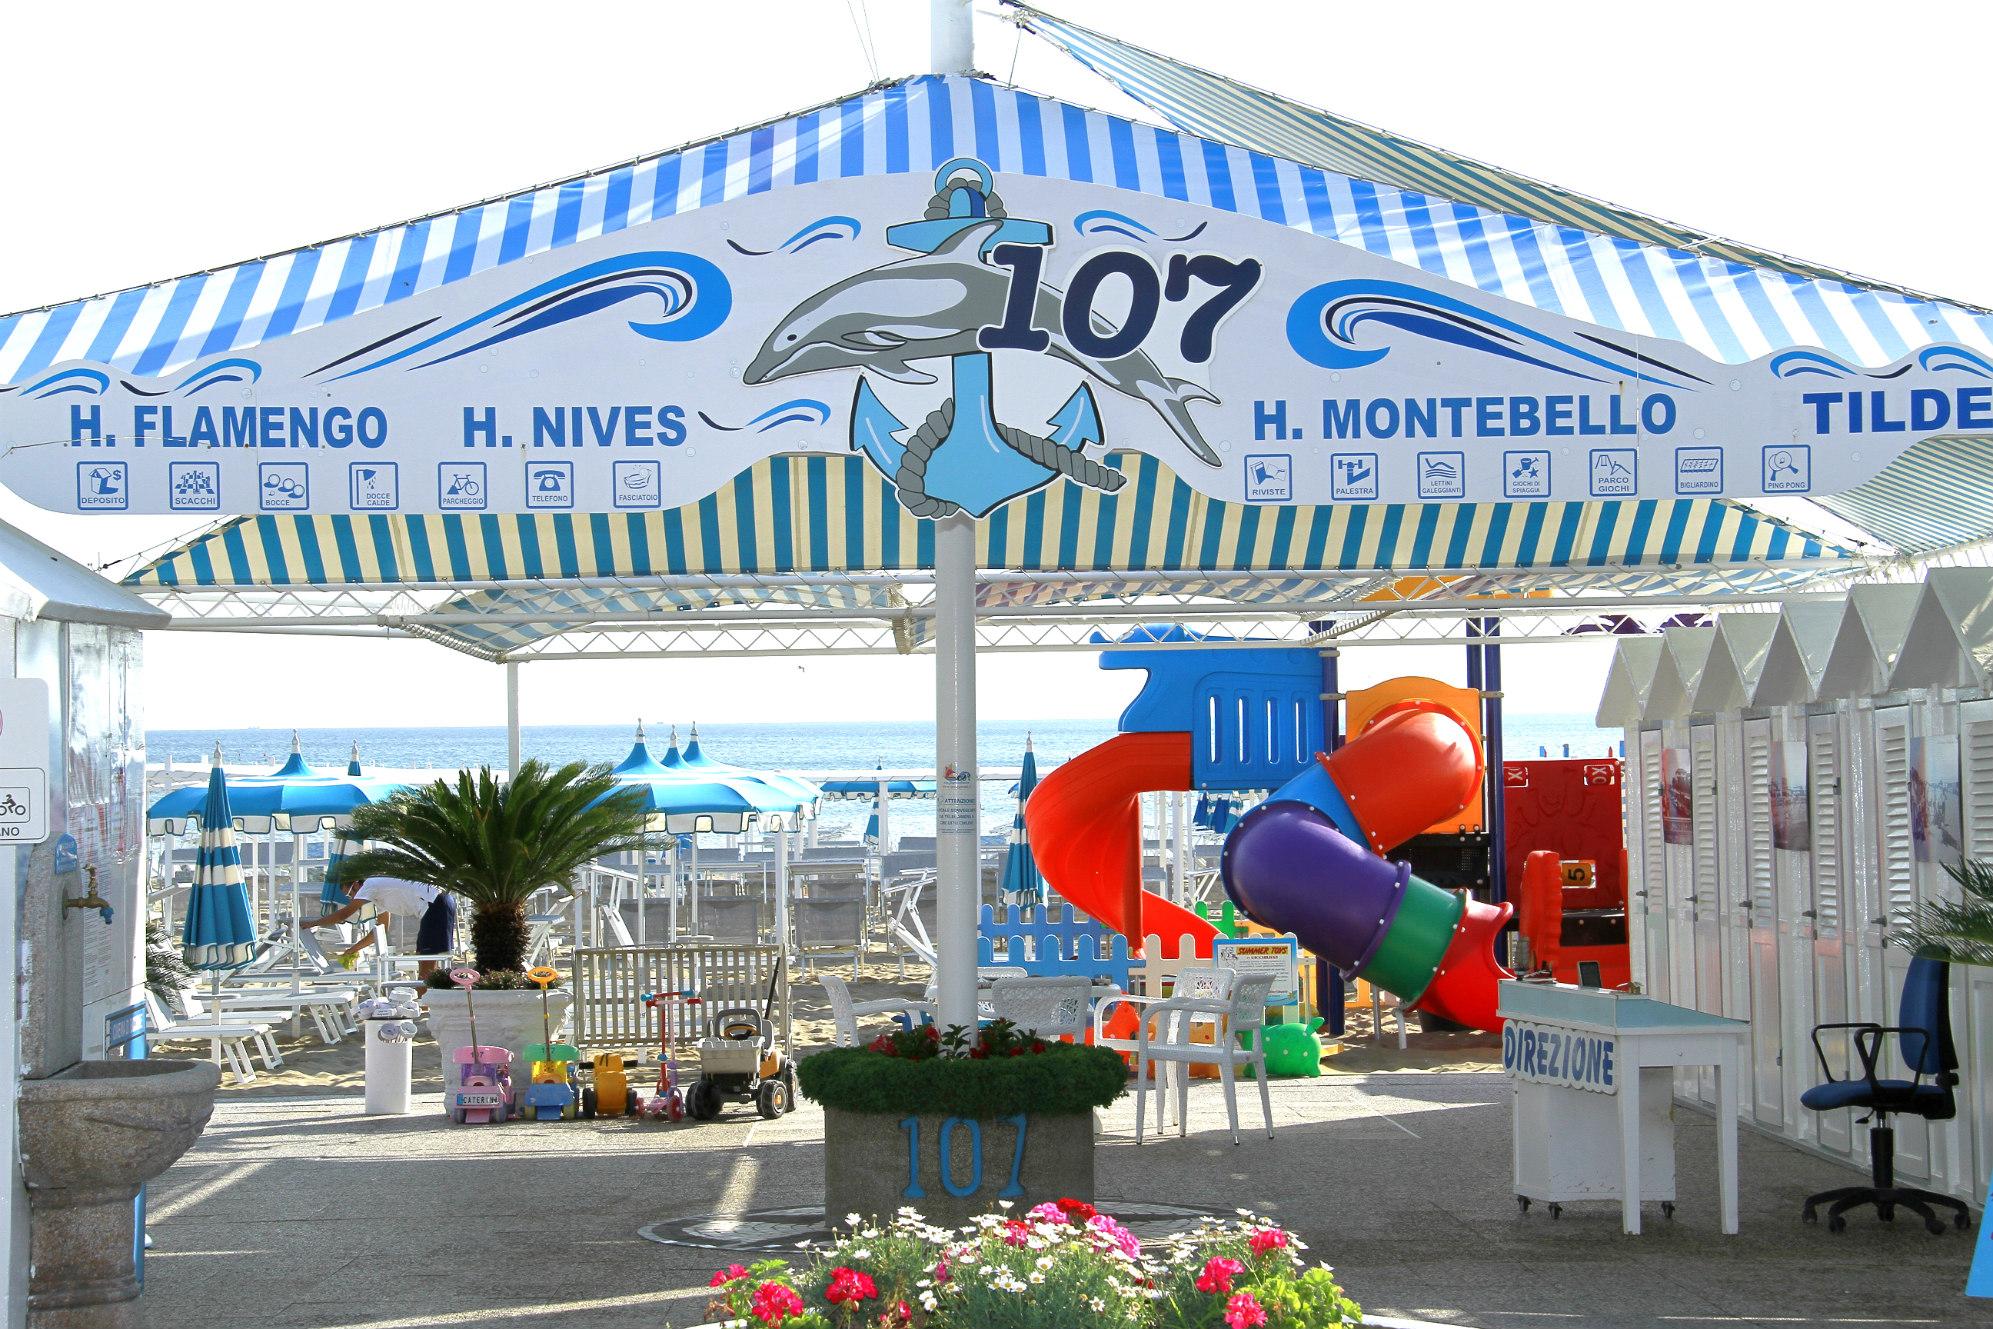 spiaggia 107 riccione